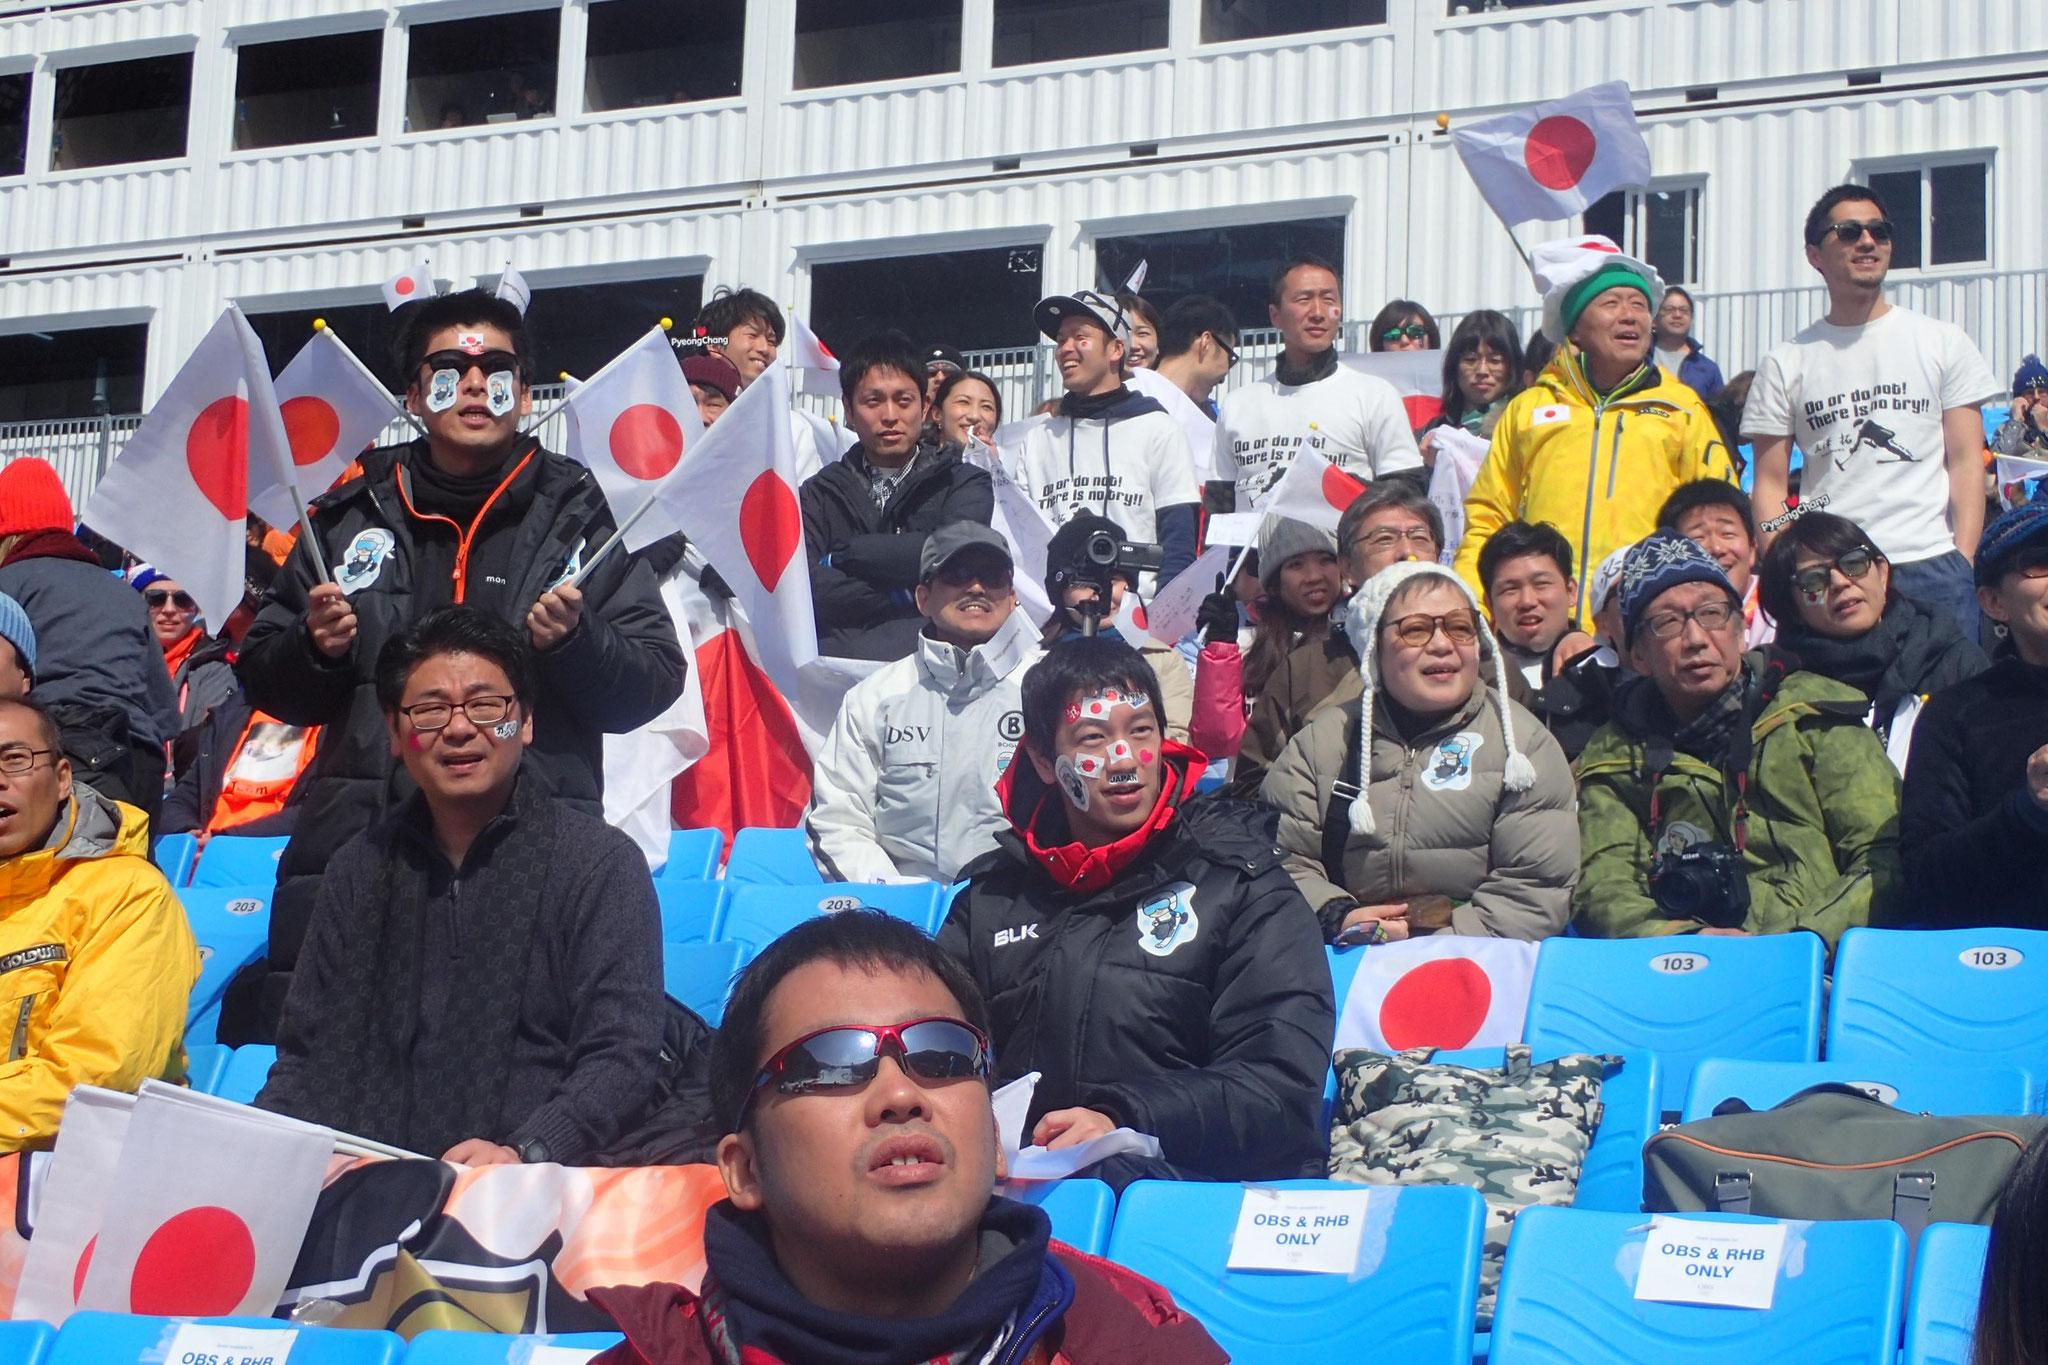 日本応援団がたくさんいたアルペン観戦席